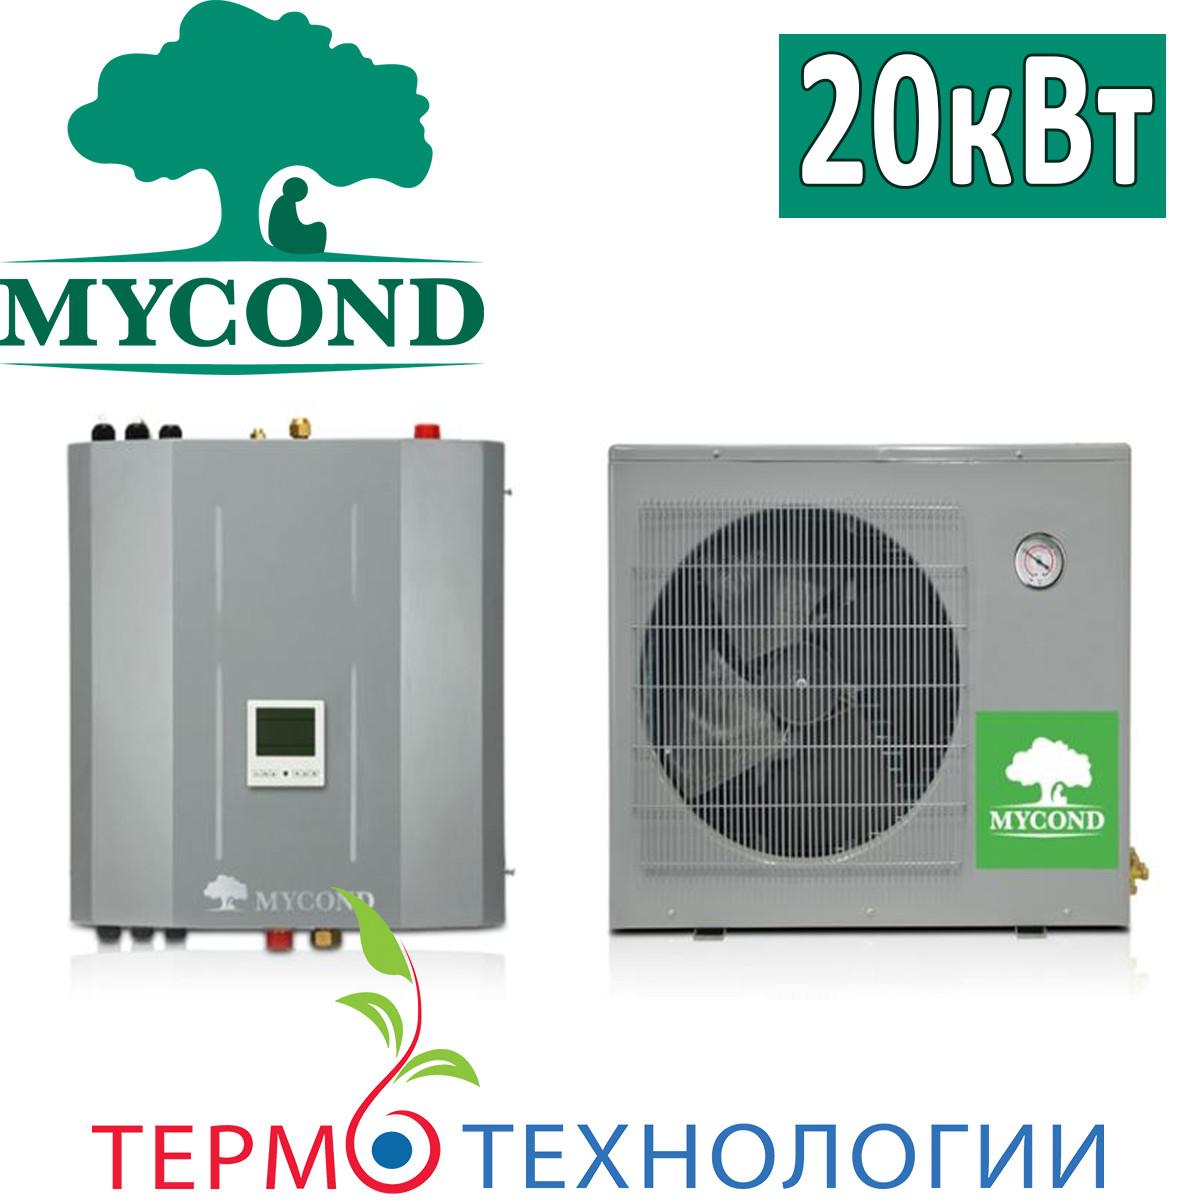 Тепловой насос воздух-вода MYCOND 20 кВт